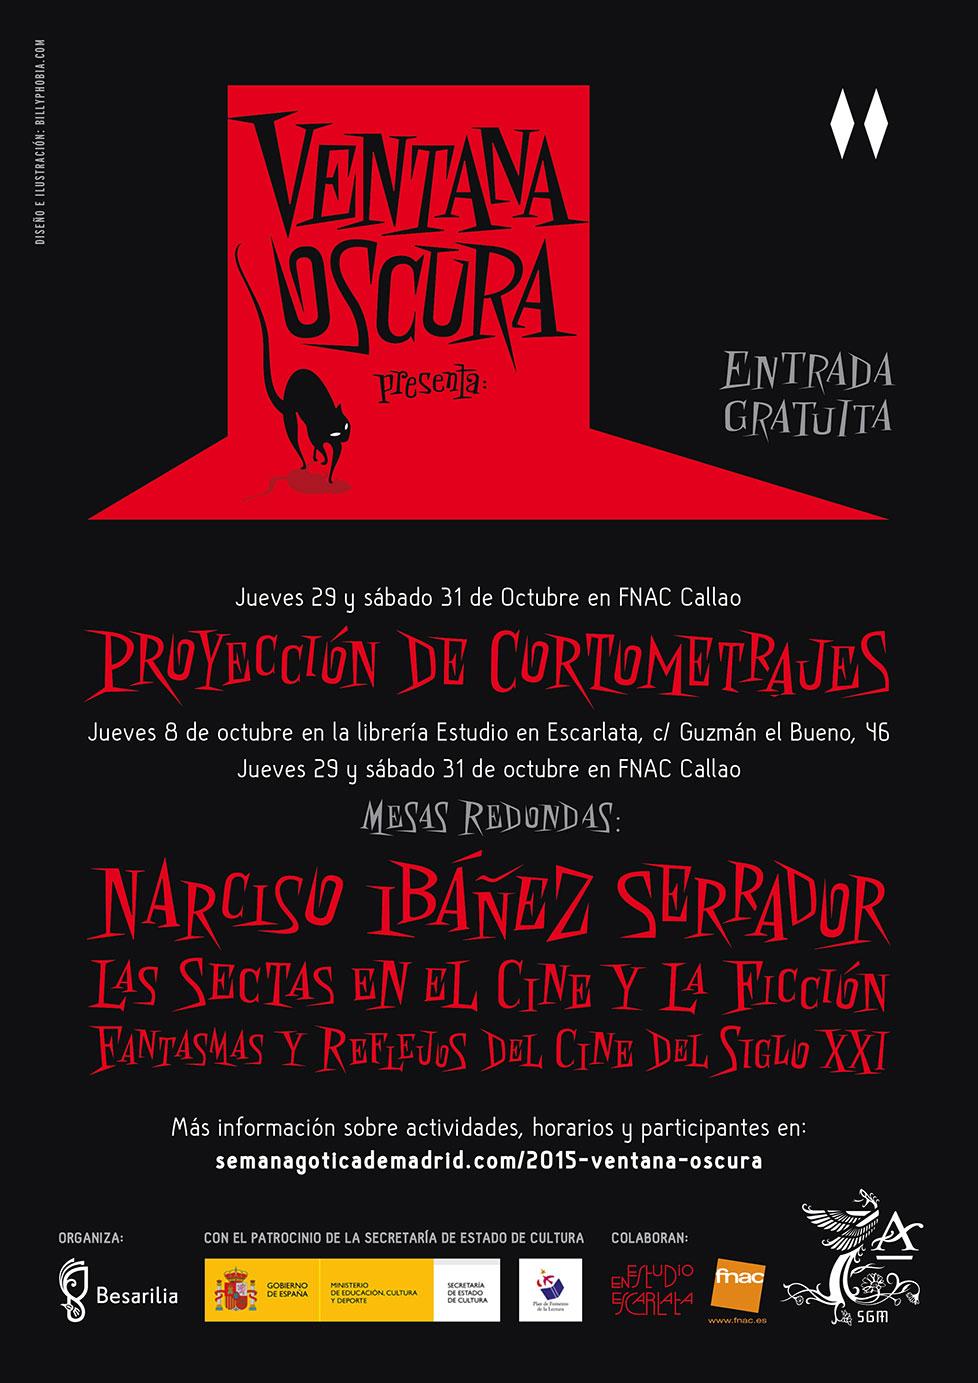 Cartel de la séptima edición de Ventana Oscura de la Semana Gótica de Madrid diseñado por Billyphobia